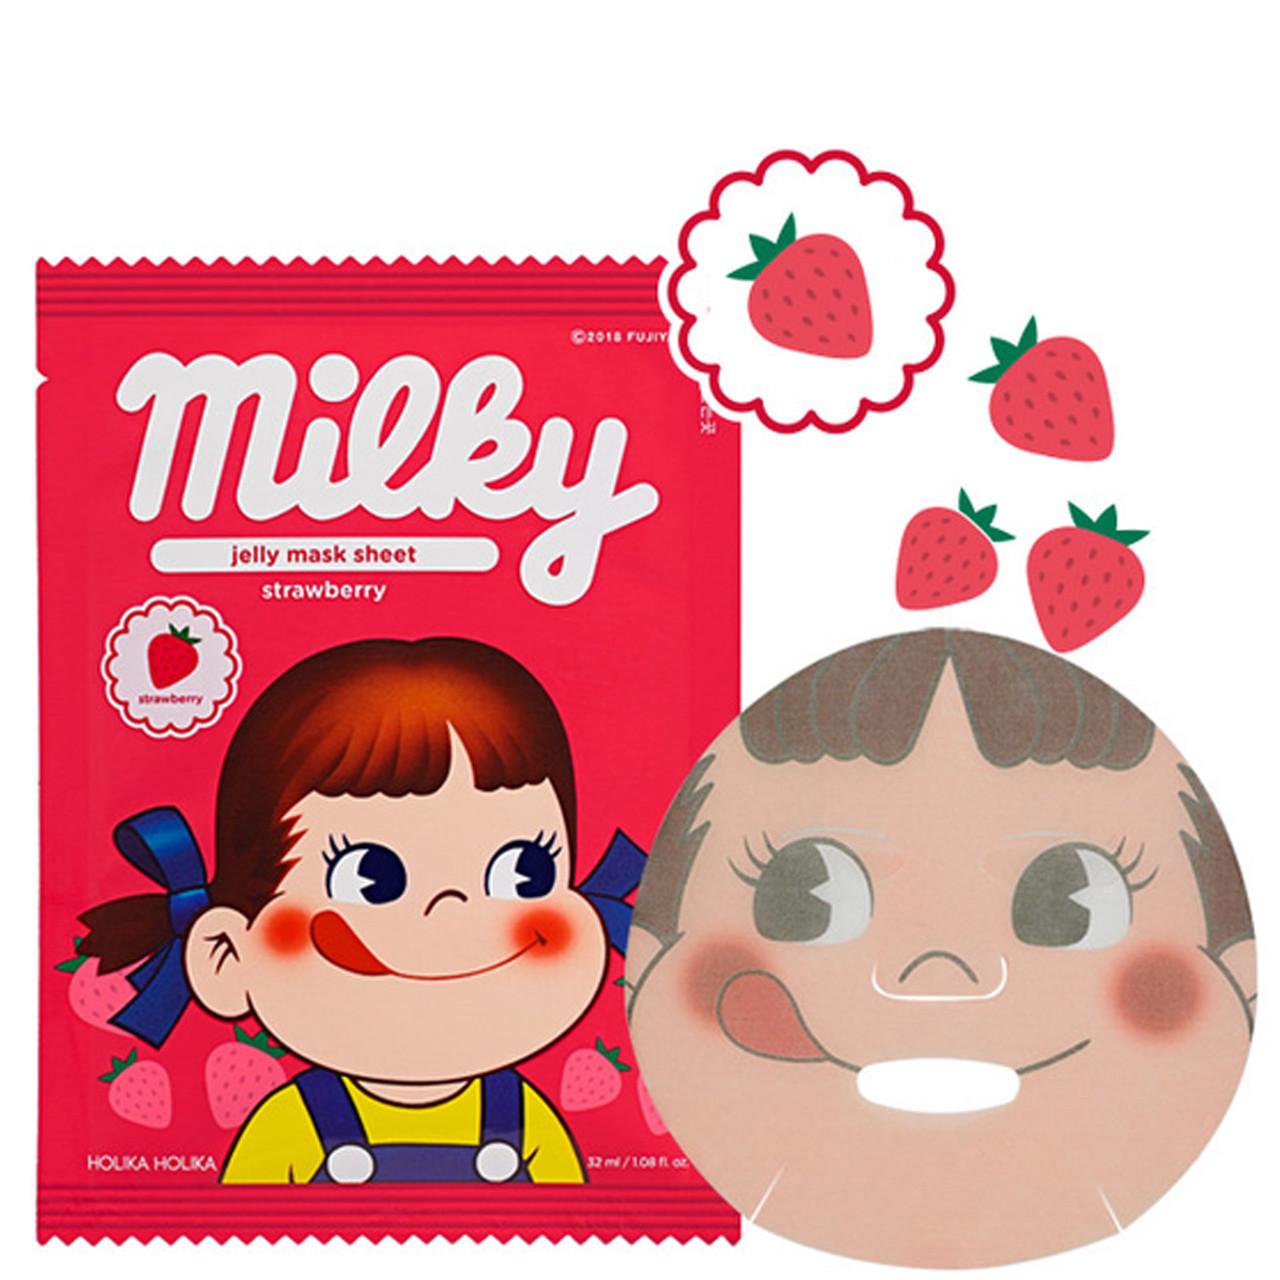 Тканевая маска для лица с клубникой Holika Holika Peko Chan Jelly Mask Sheet Strawberry 32 мл (8806334378363)